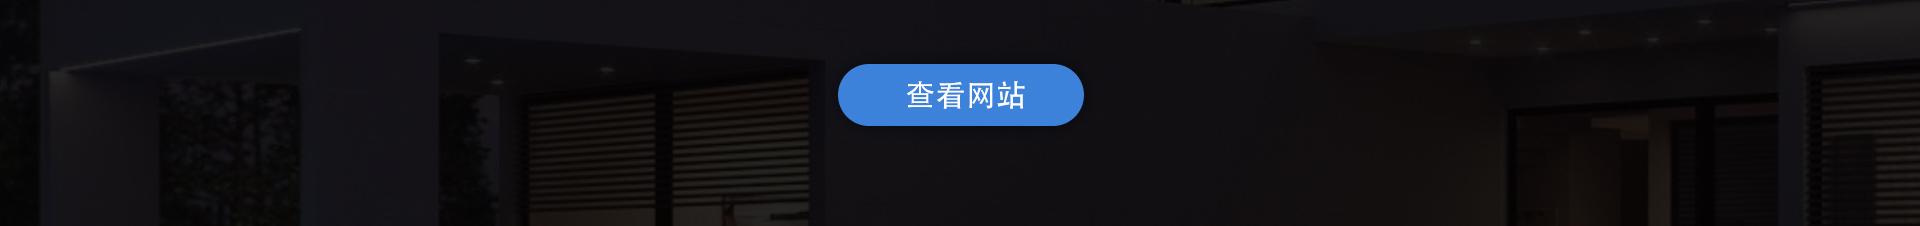 页面-张小乐-张小乐_02